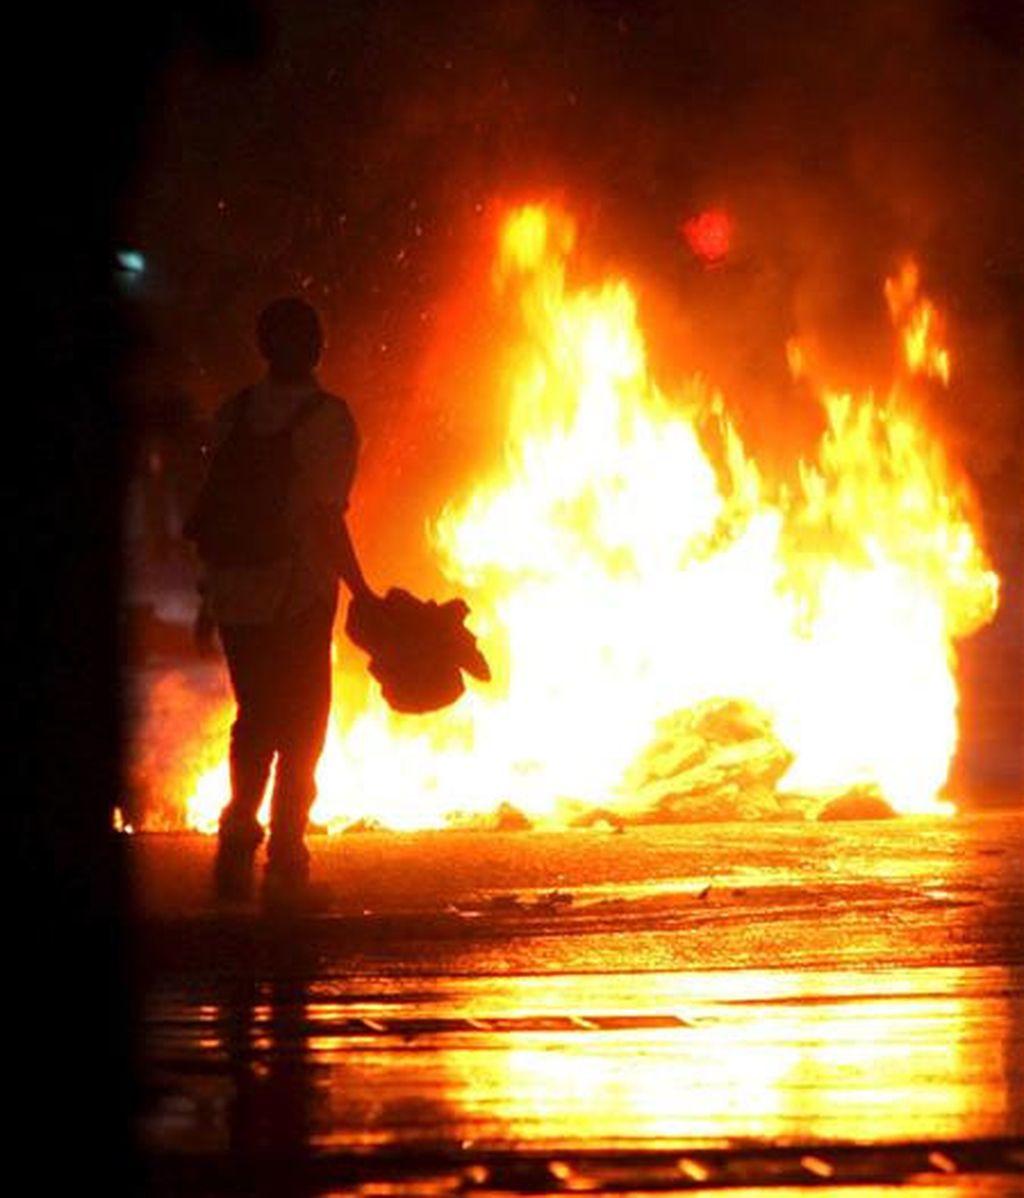 Los enfrentamientos han dejado dos víctimas mortales. Vídeo:Informativos Telecinco